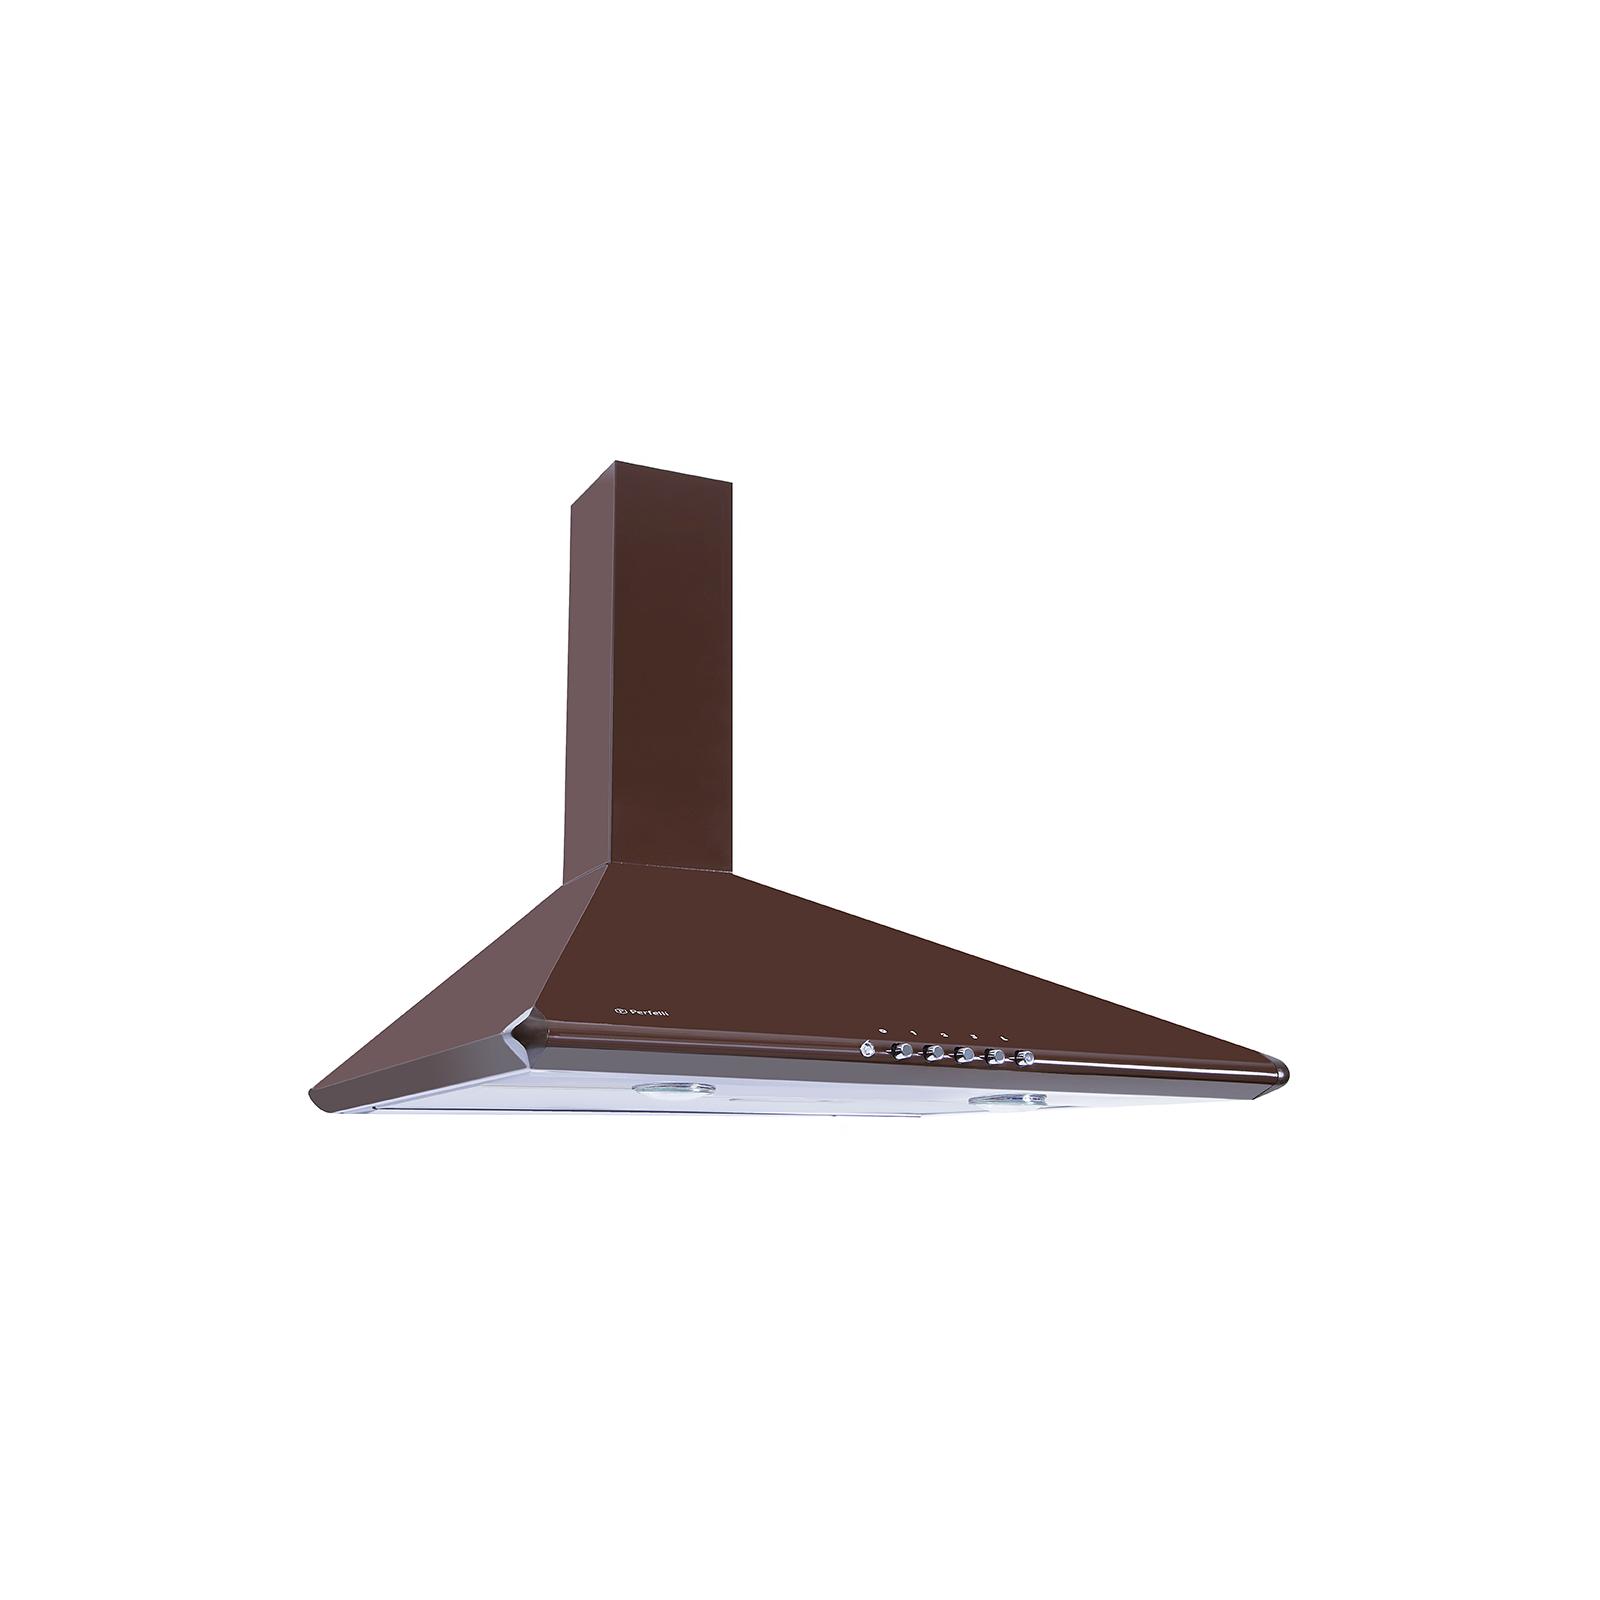 Вытяжка кухонная PERFELLI K 512 BR LED изображение 2